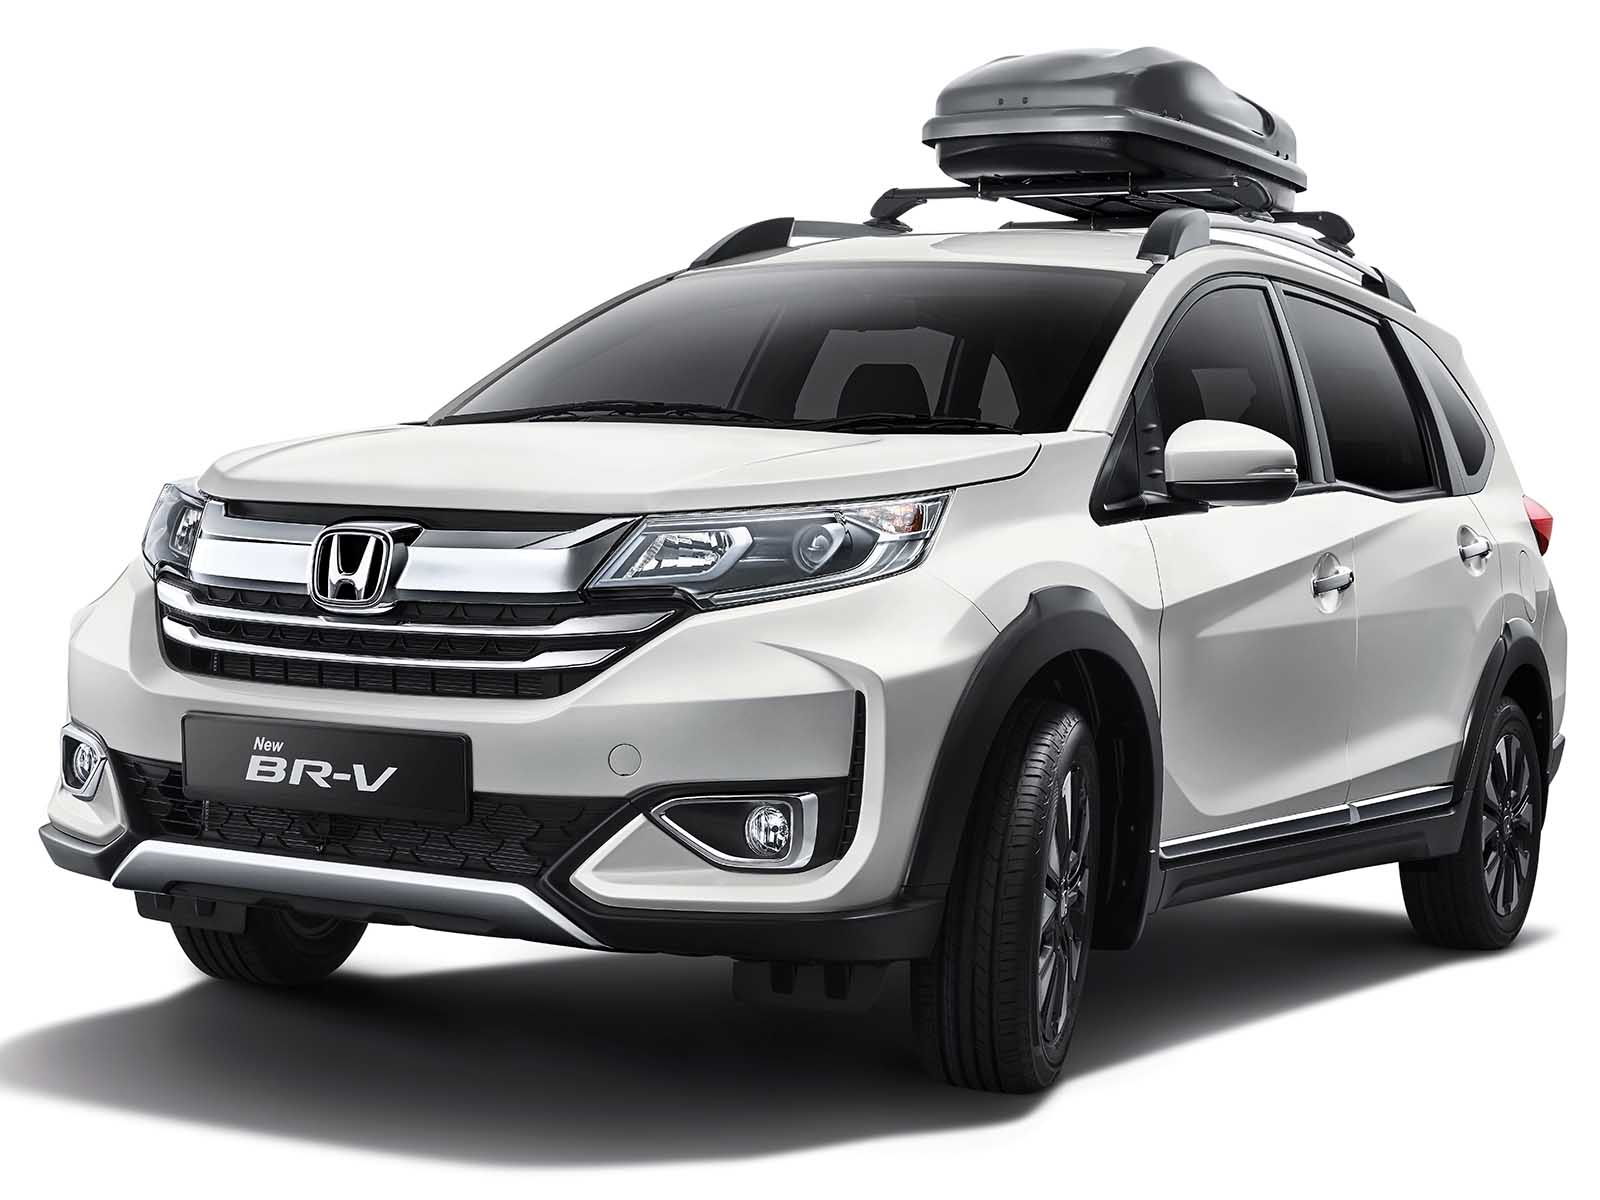 Kelebihan Harga Honda Brv Top Model Tahun Ini